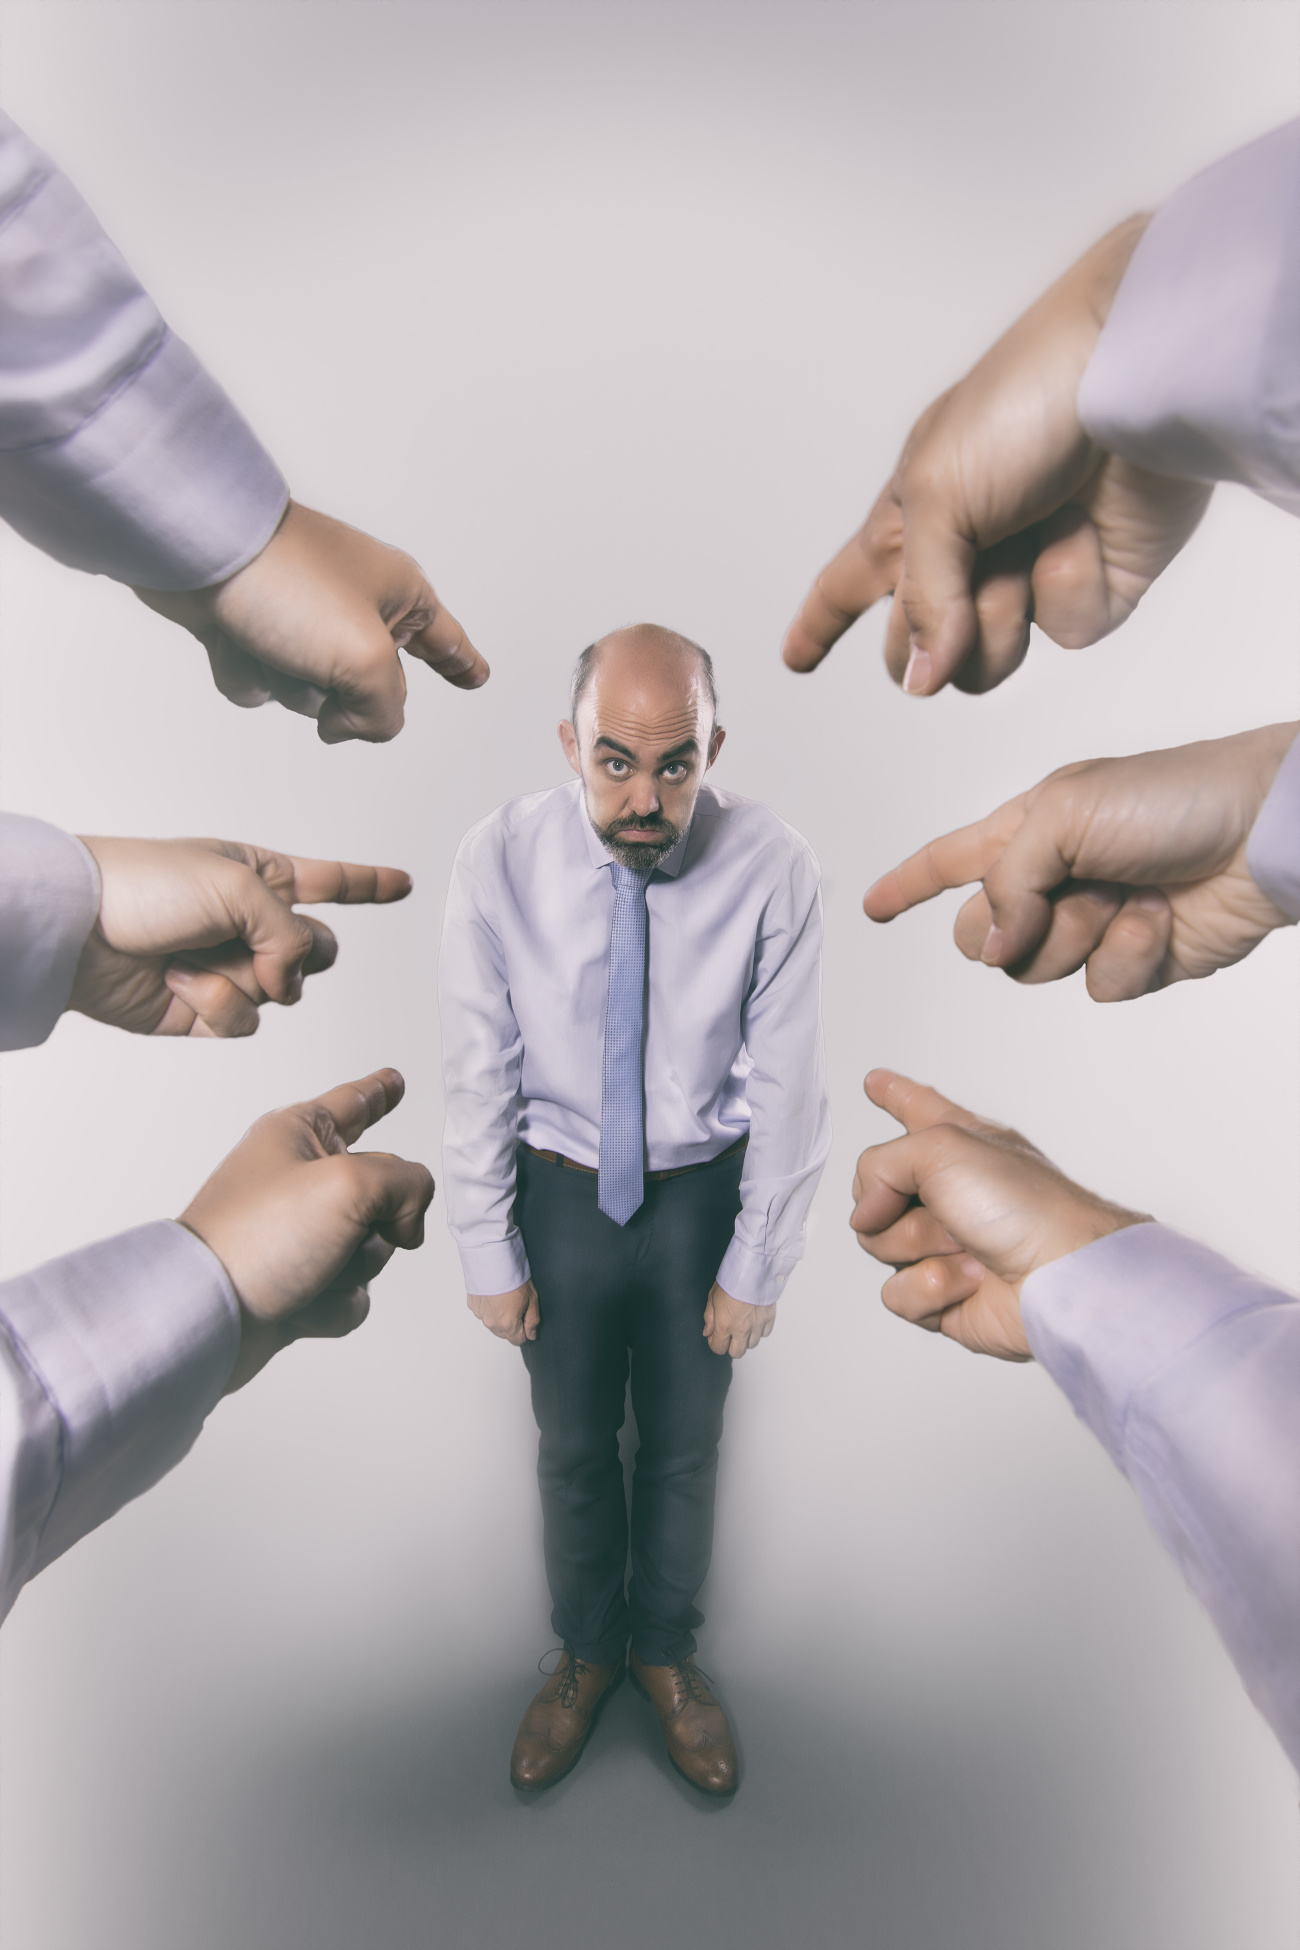 Wie gehe ich als Unternehmer mit Kritik um? 8 Tipps zum Umgang mit Kritik!